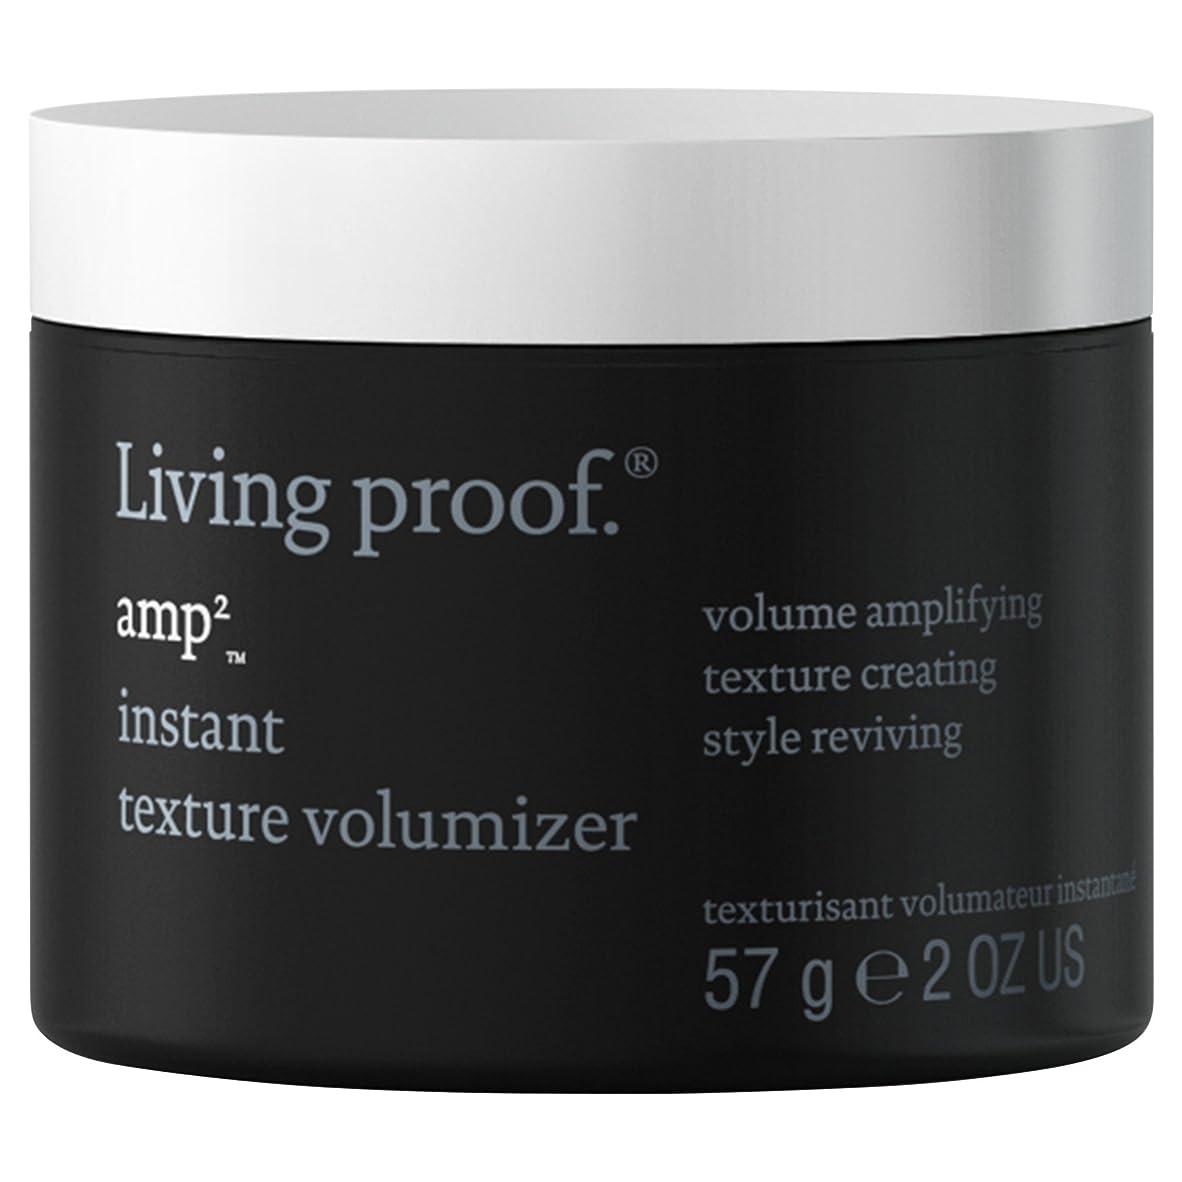 ゴミ箱を空にする許可日帰り旅行に生きている証拠アンペアインスタントテクスチャVolumiserの57グラム (Living Proof) - Living Proof Amp Instant Texture Volumiser 57g [並行輸入品]